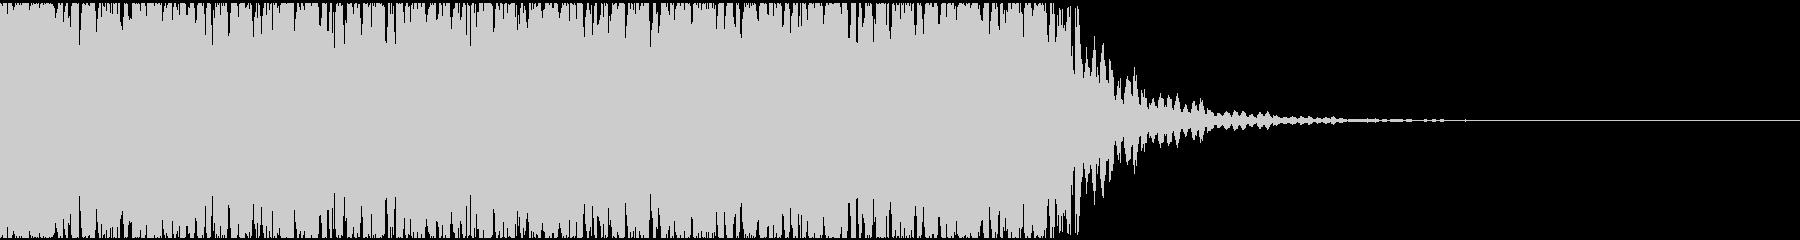 【エレクトロニカ】電子テクノ、ジングル2の未再生の波形